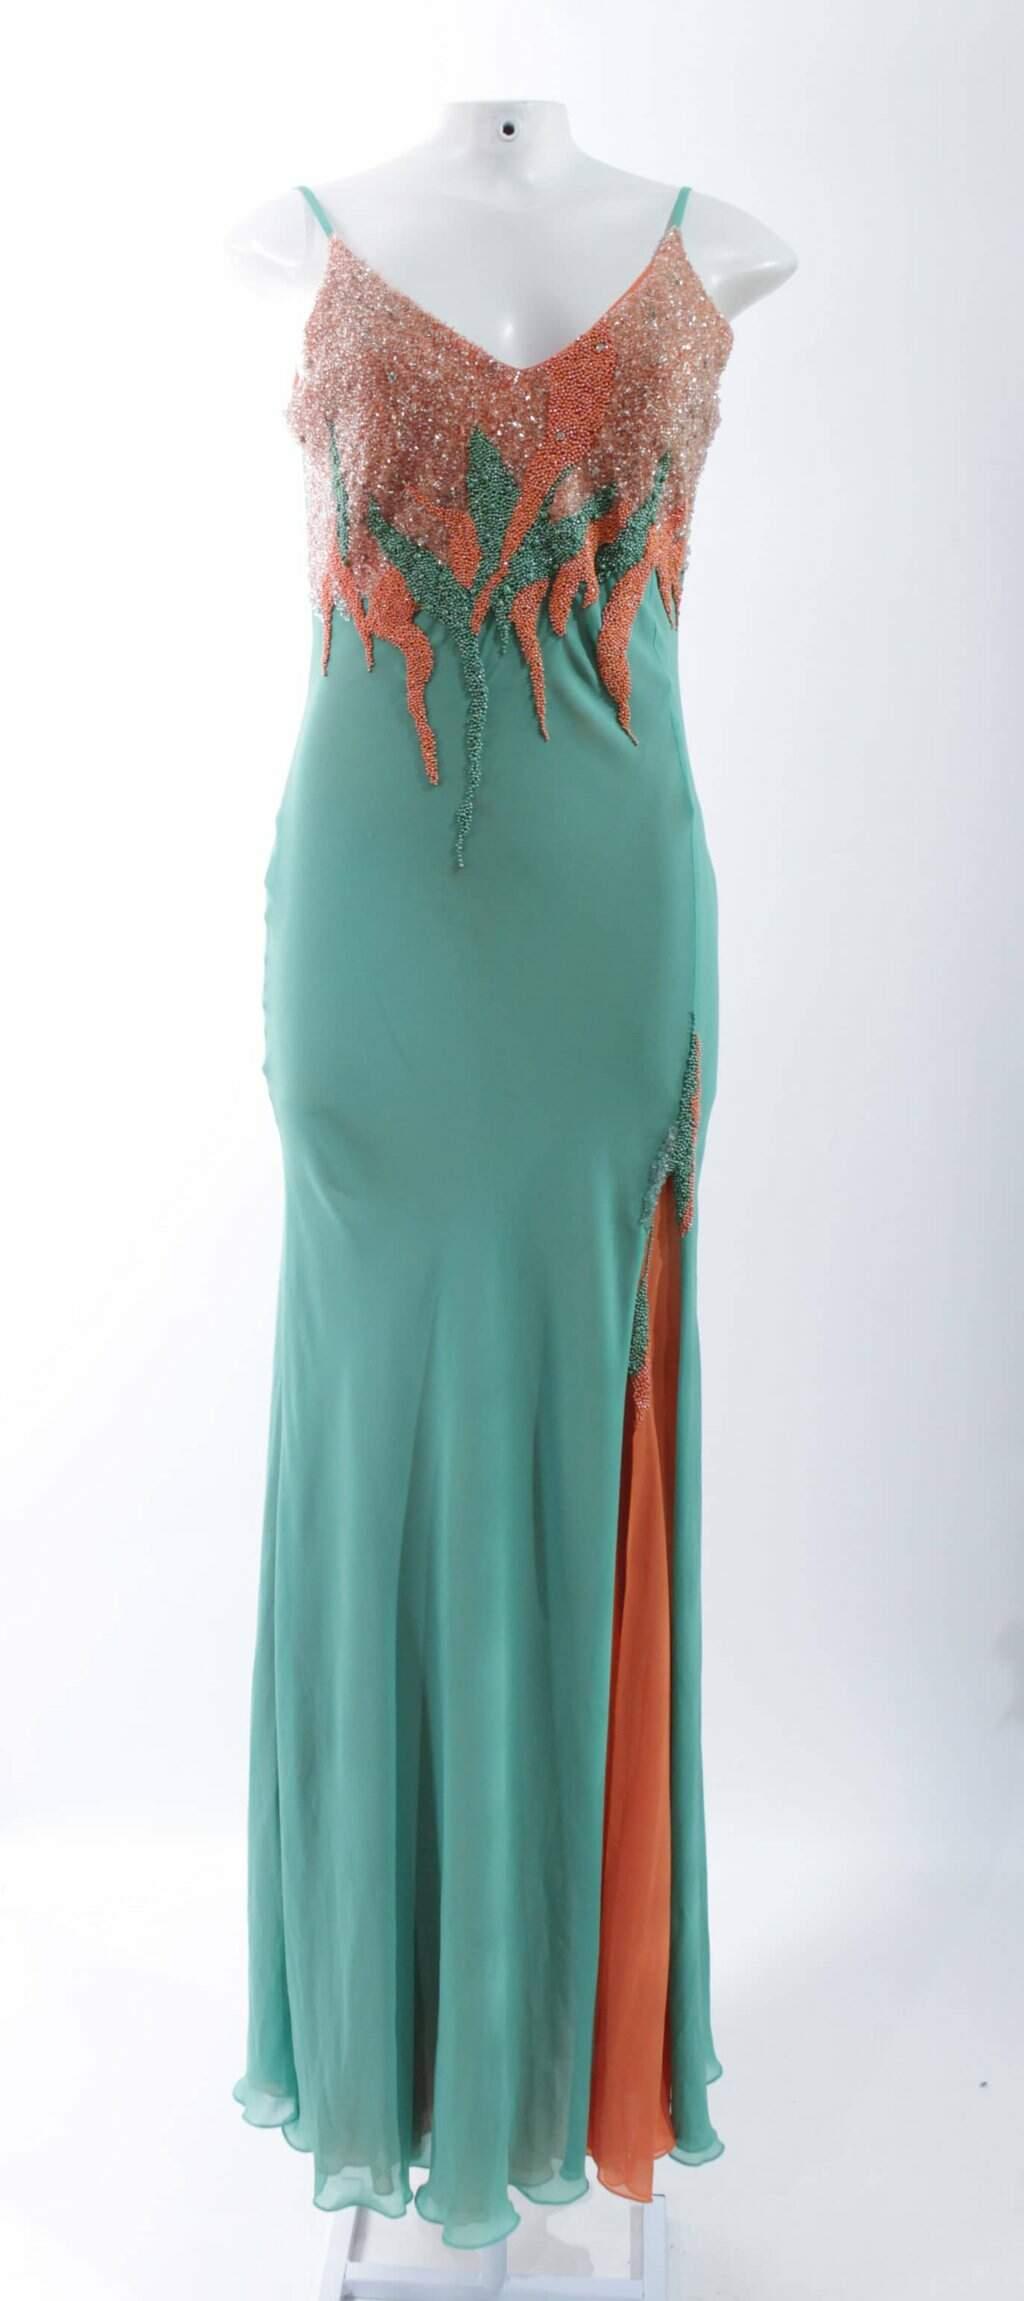 Oferta Vestido Verde Arte Sacra por R$ 375